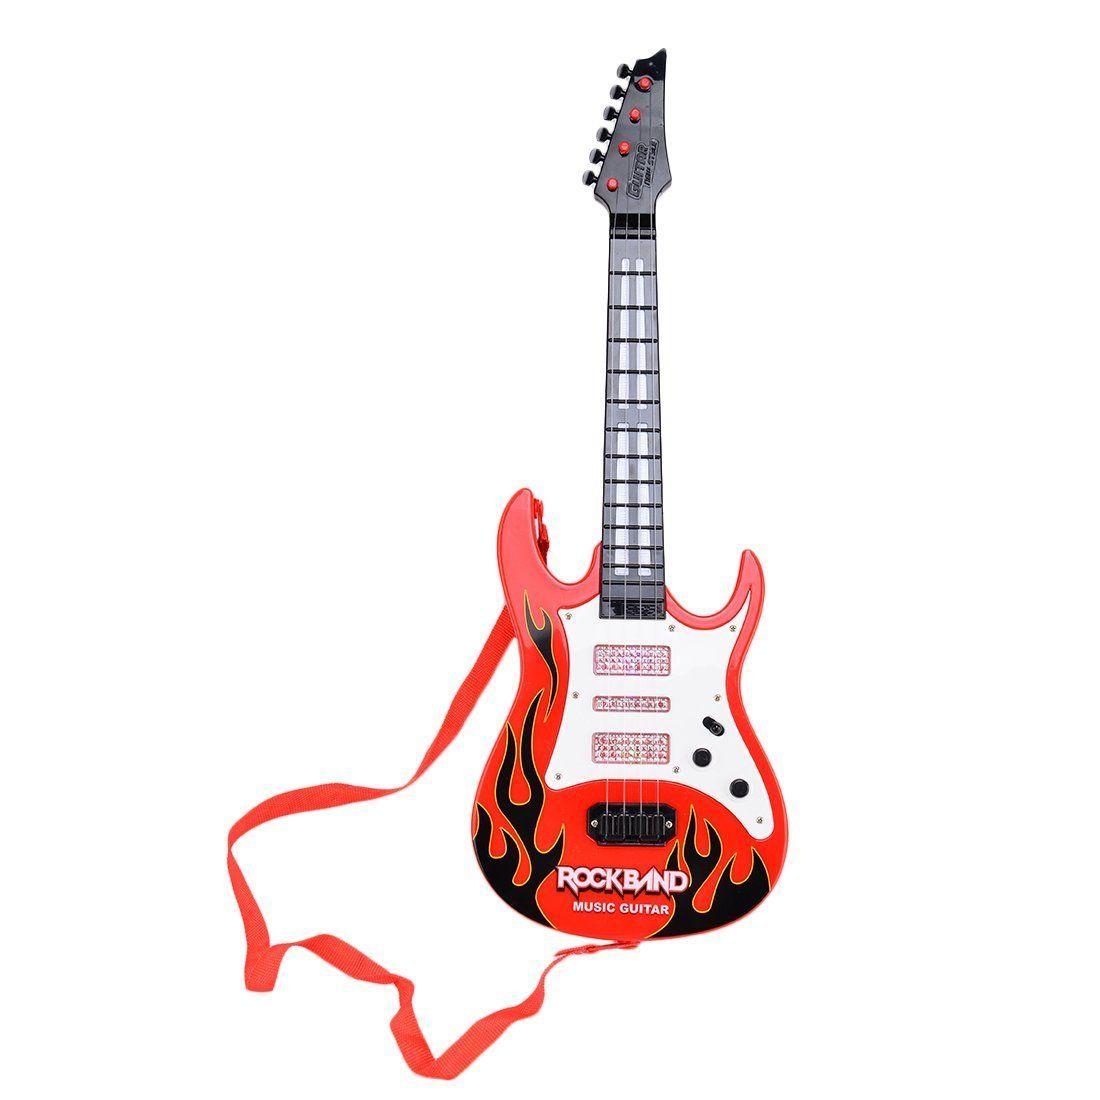 Der Spielzeugtester Hat Das Finer Shop Rock Band Music E Gitarre 4 Streicher Kinder Musikinstrumente Padagogisches Spielzeug In 2020 E Gitarre Gitarre Musikinstrumente